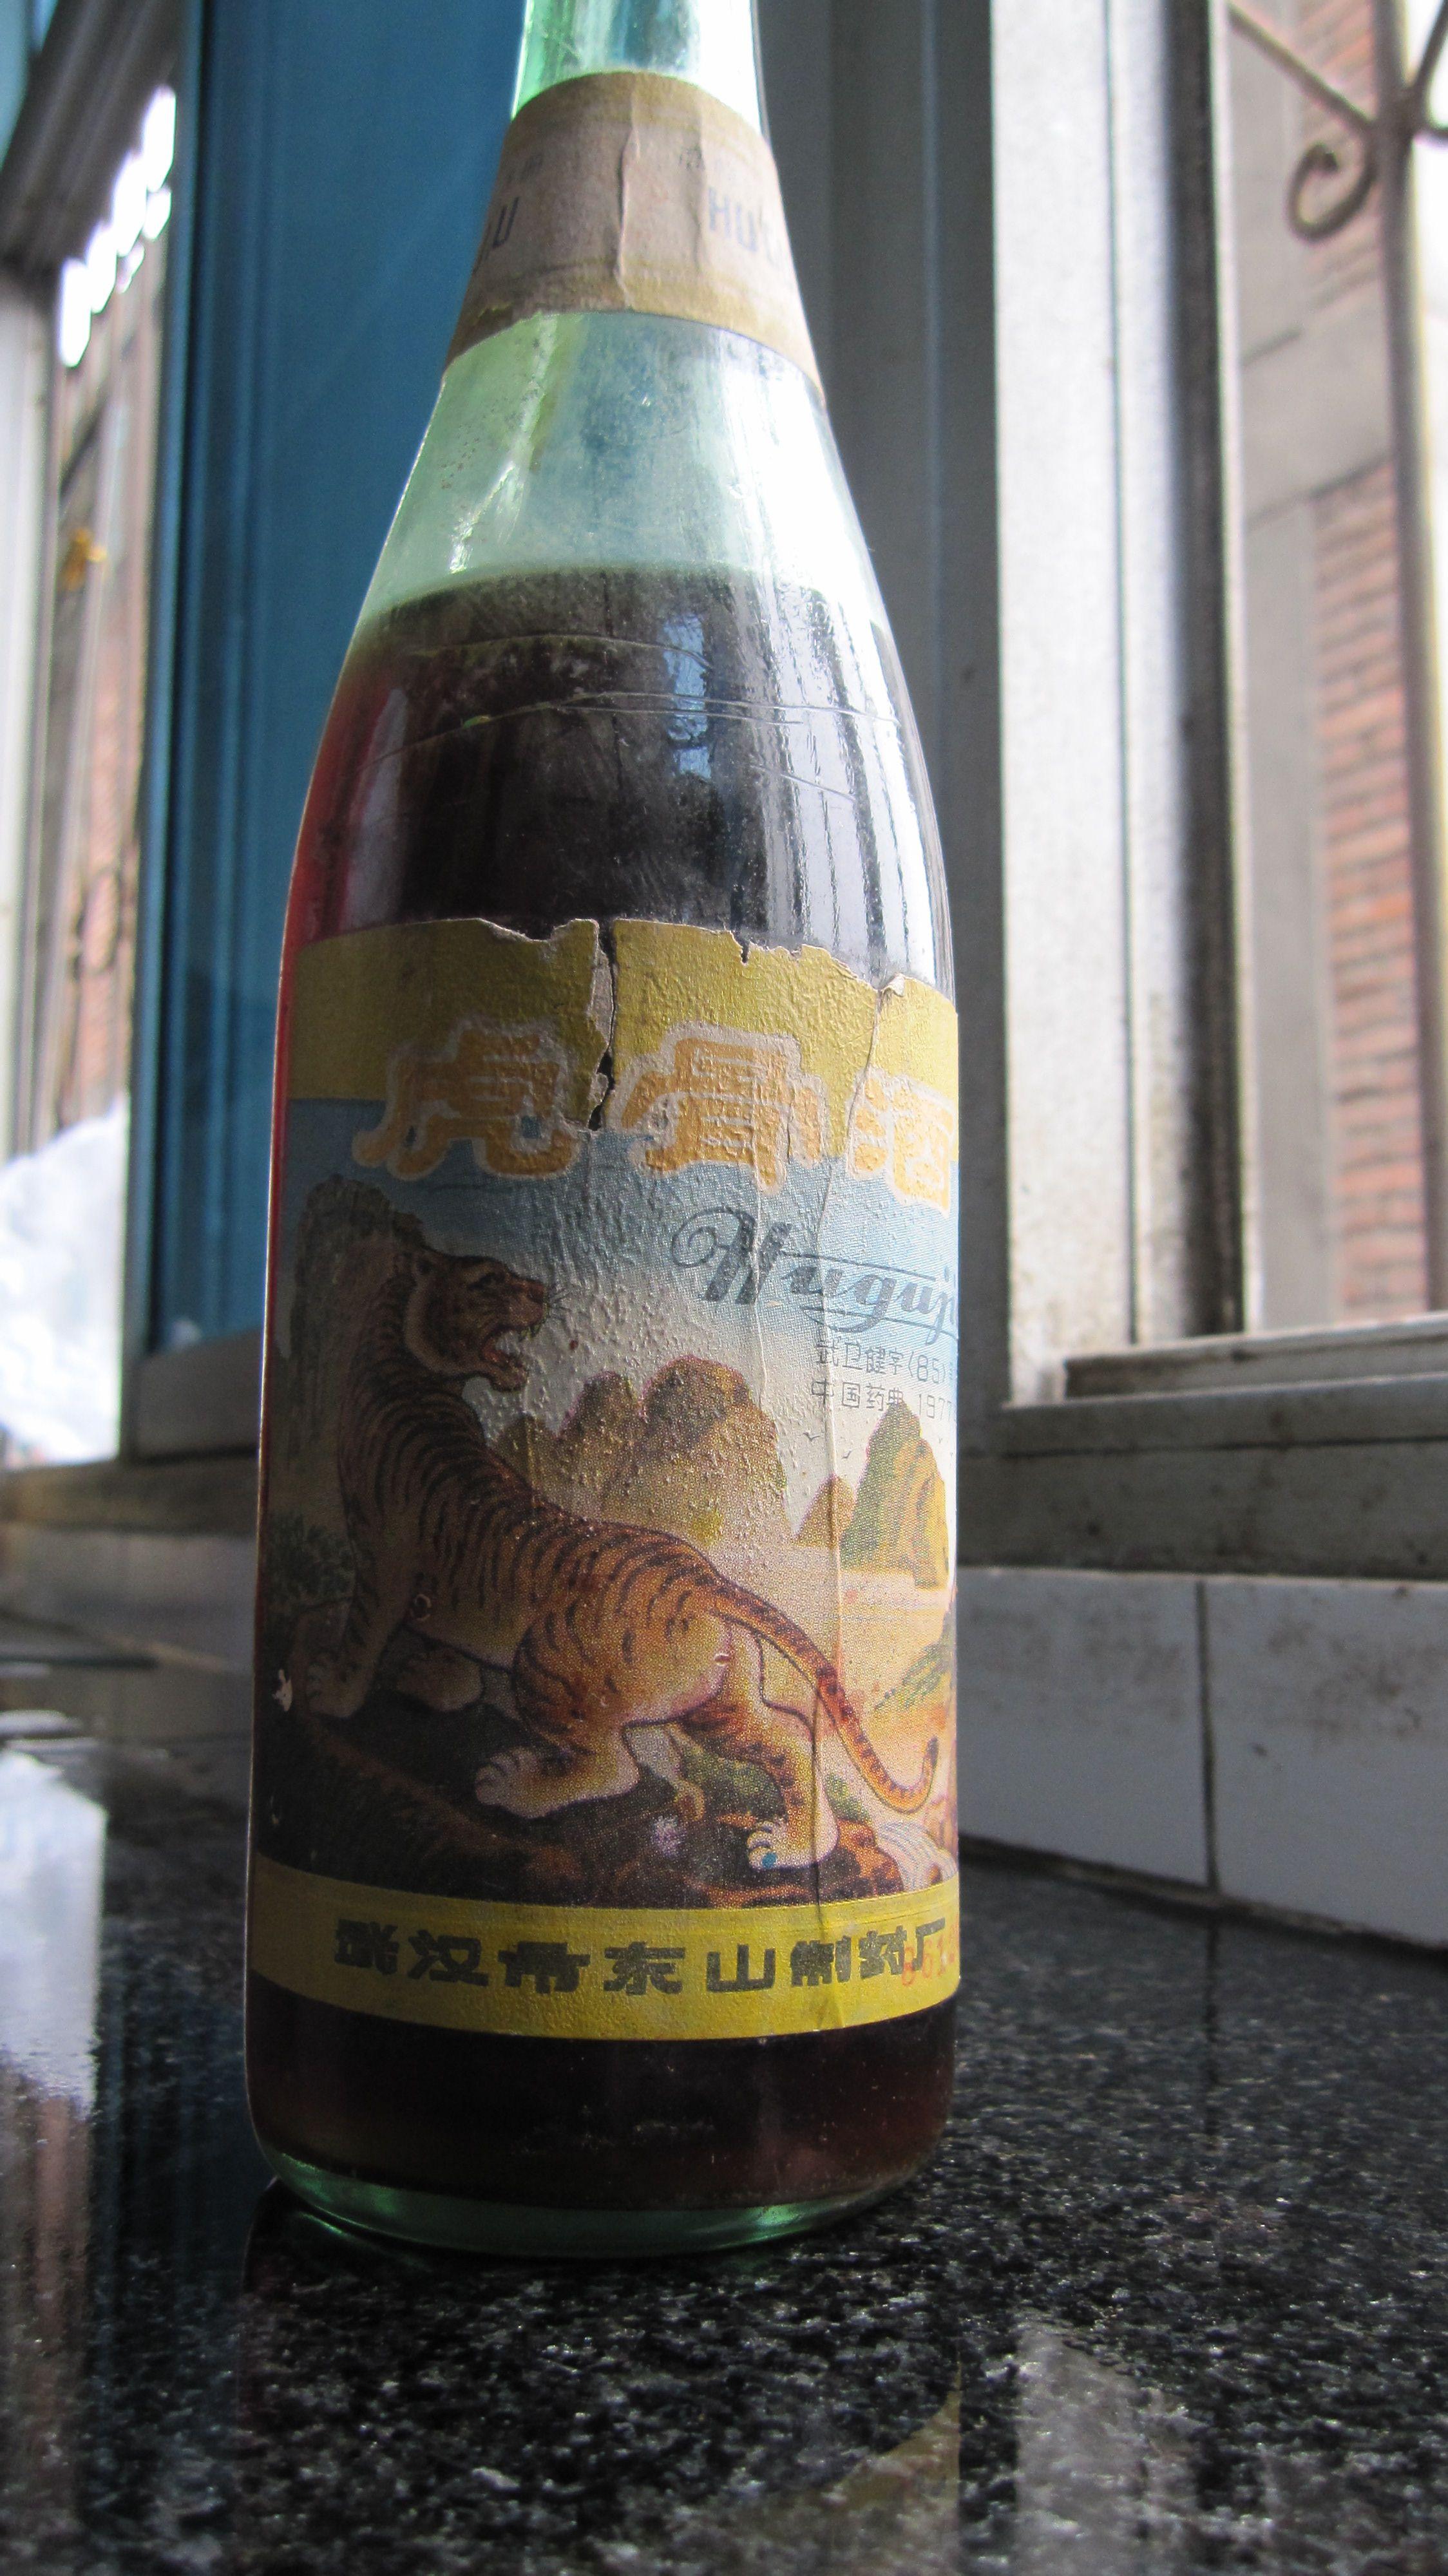 有哪位大神谁知道86年武汉生产的虎骨酒现在价值多少钱?有真相